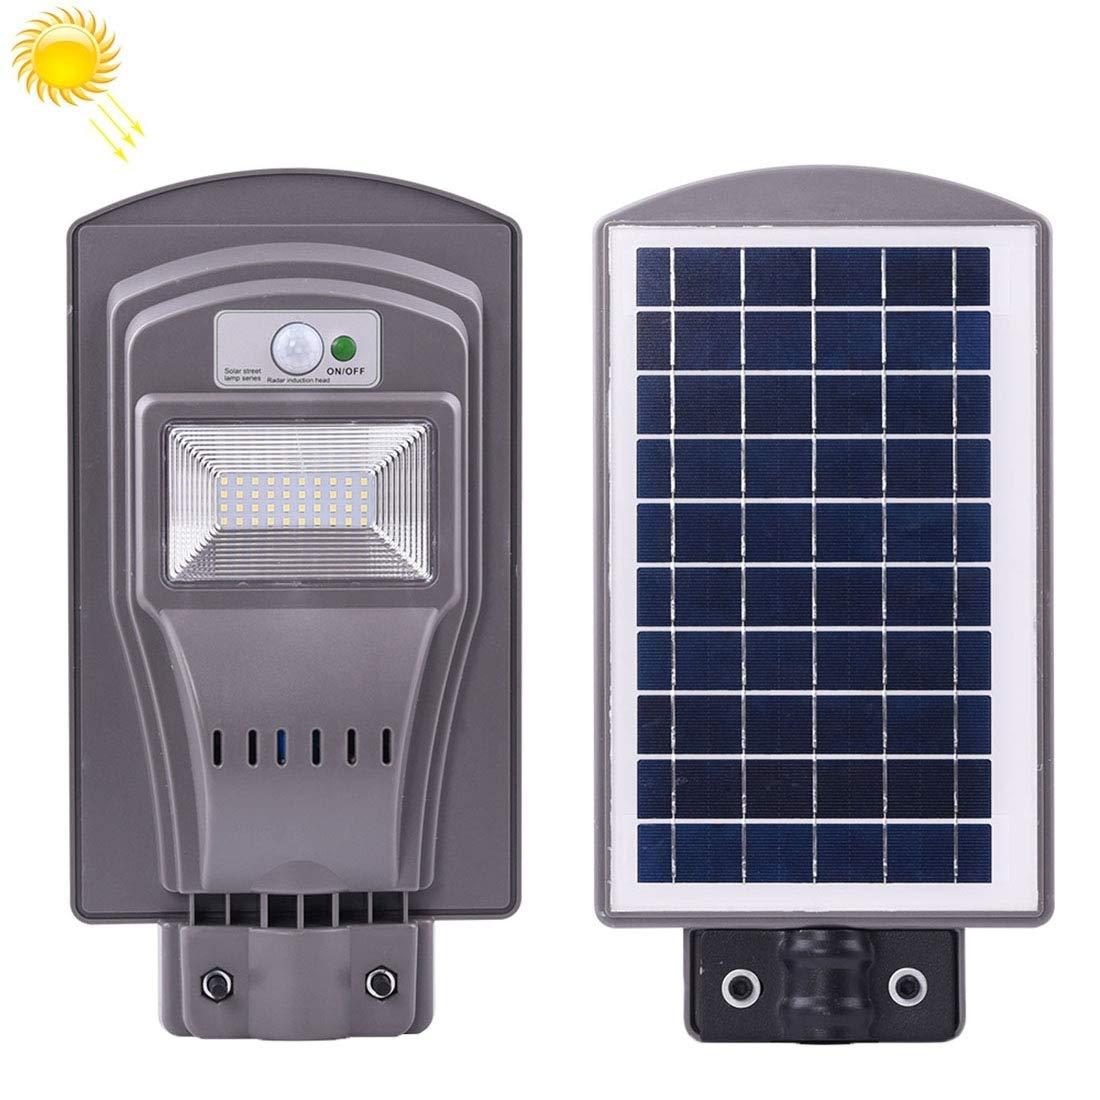 Impermeabile Sensore radar impermeabile IP65 da 20W + illuminazione stradale a luce solare con pannello solare 6V   12W, 40 LED luce esterna a risparmio energetico Lunga durata